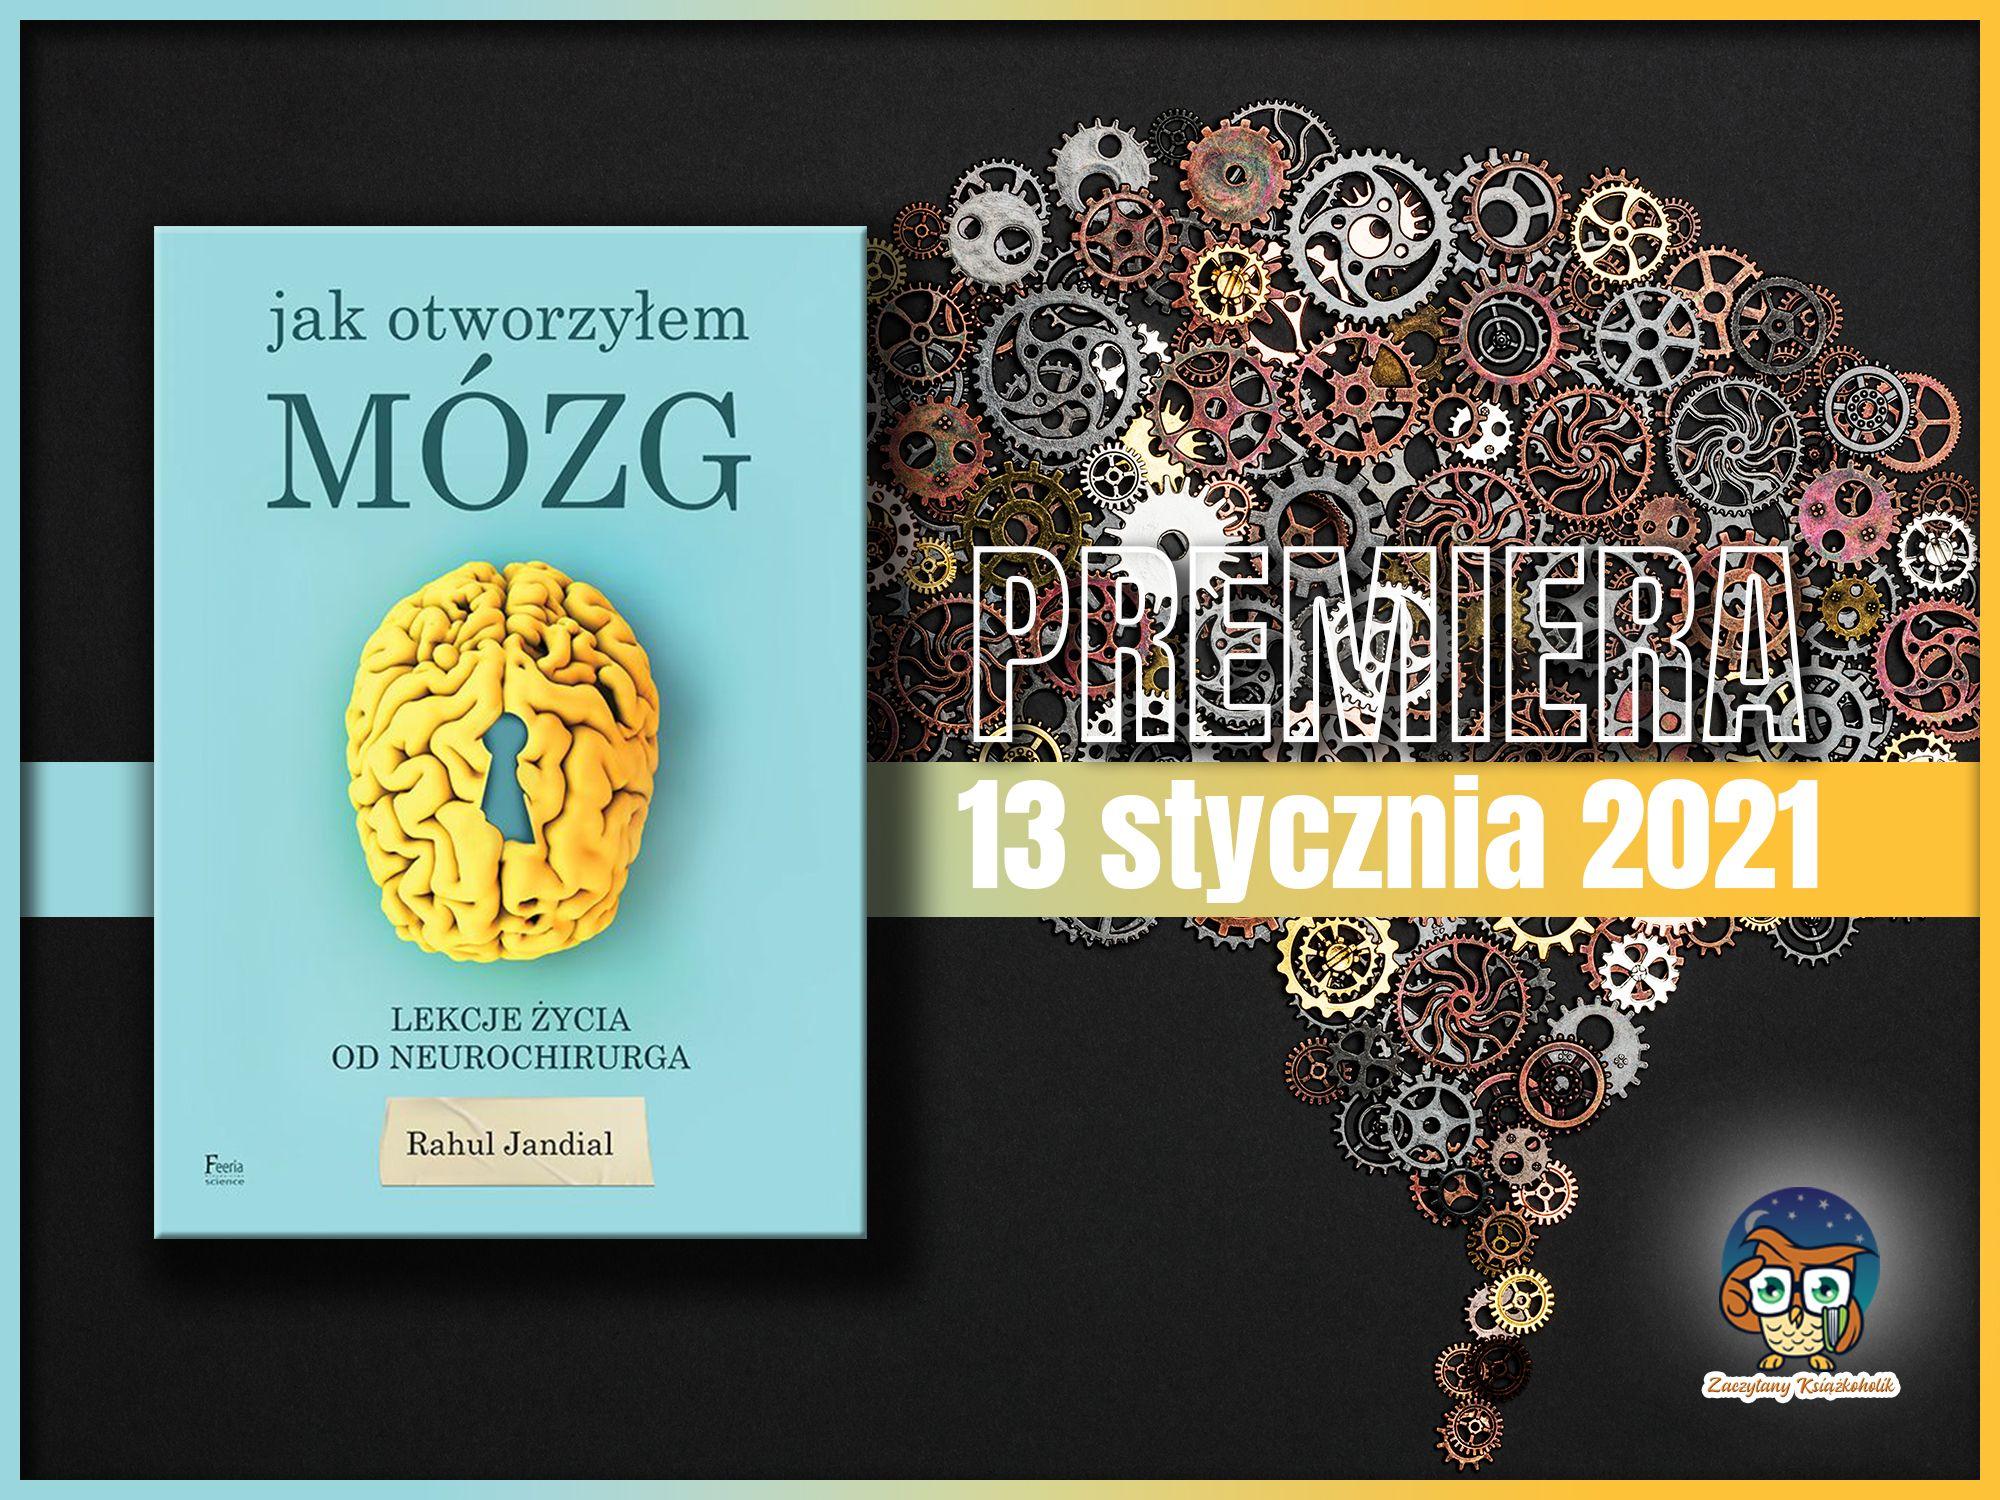 Jak otworzyłem mózg, Rahul Jandial, zaczytanyksiazkoholik.pl